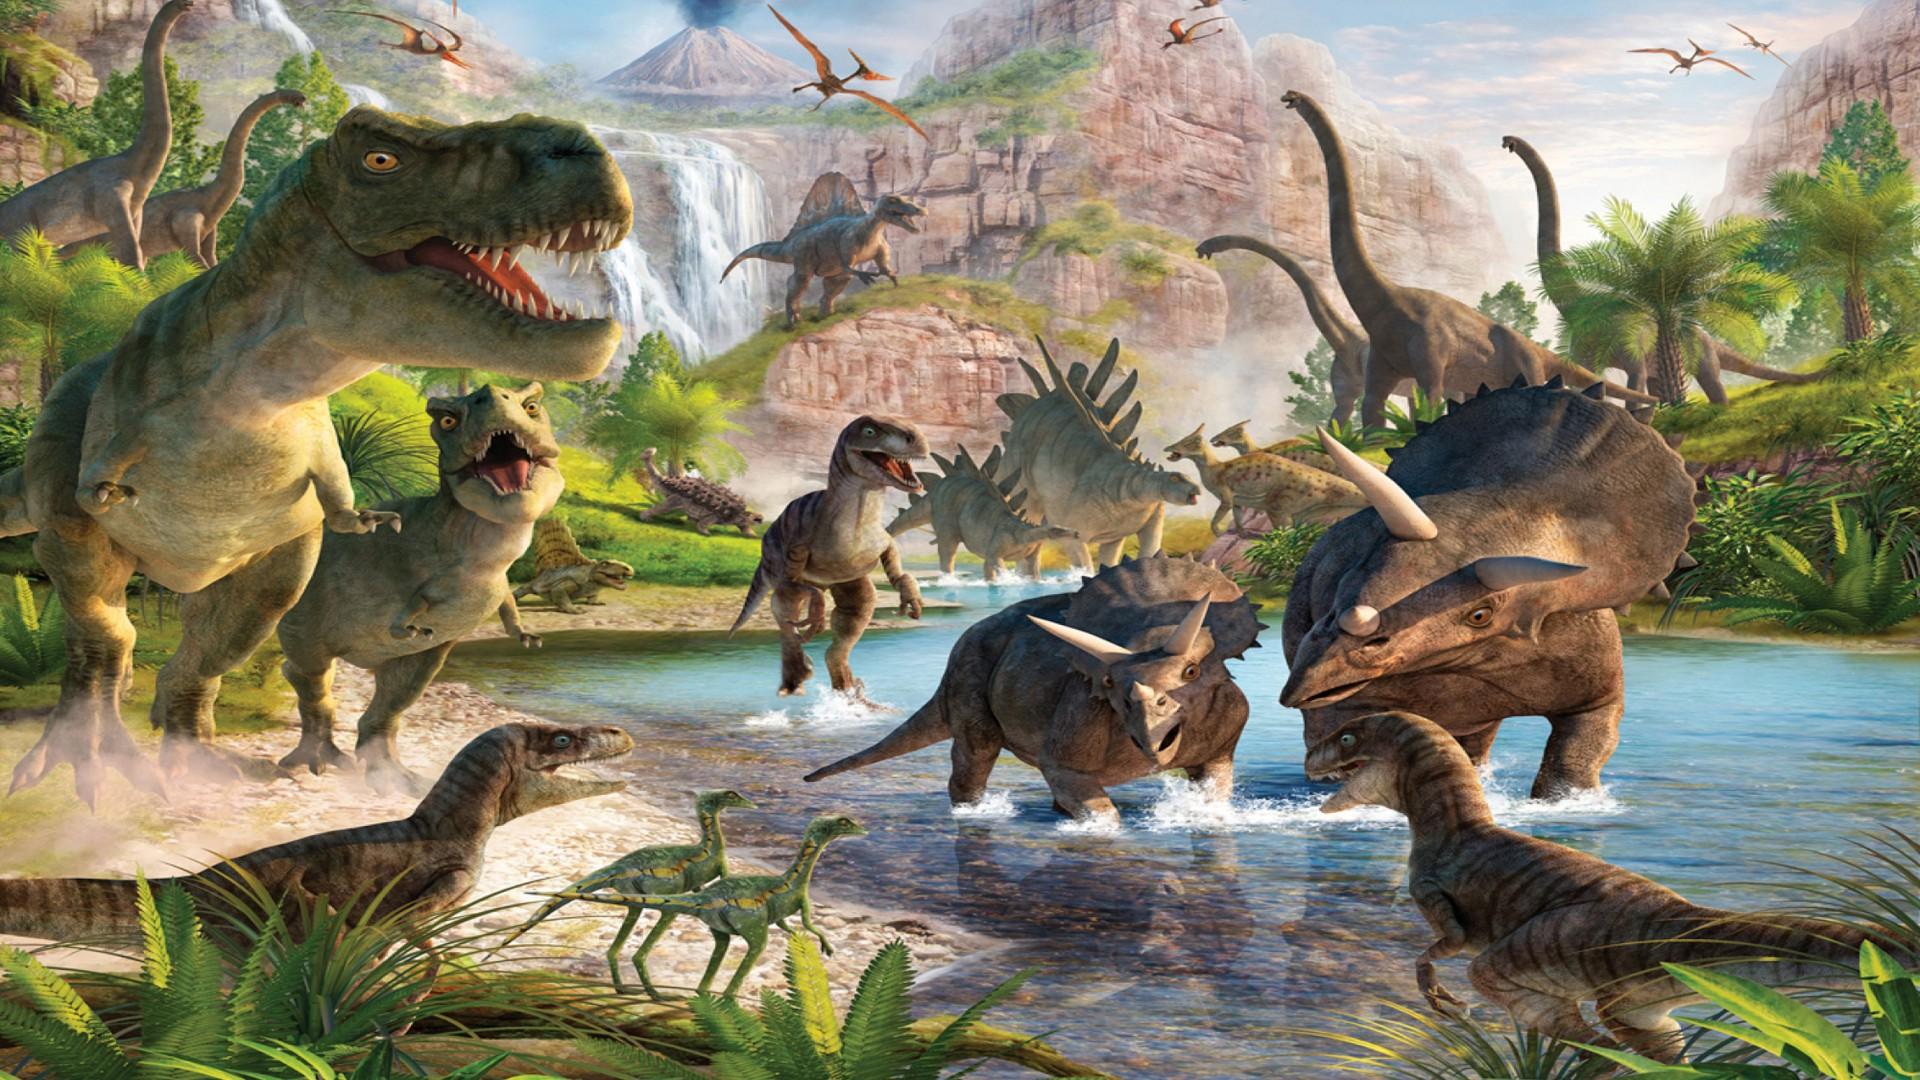 около темный жизнь динозавров картинки многие изящные миниатюрные